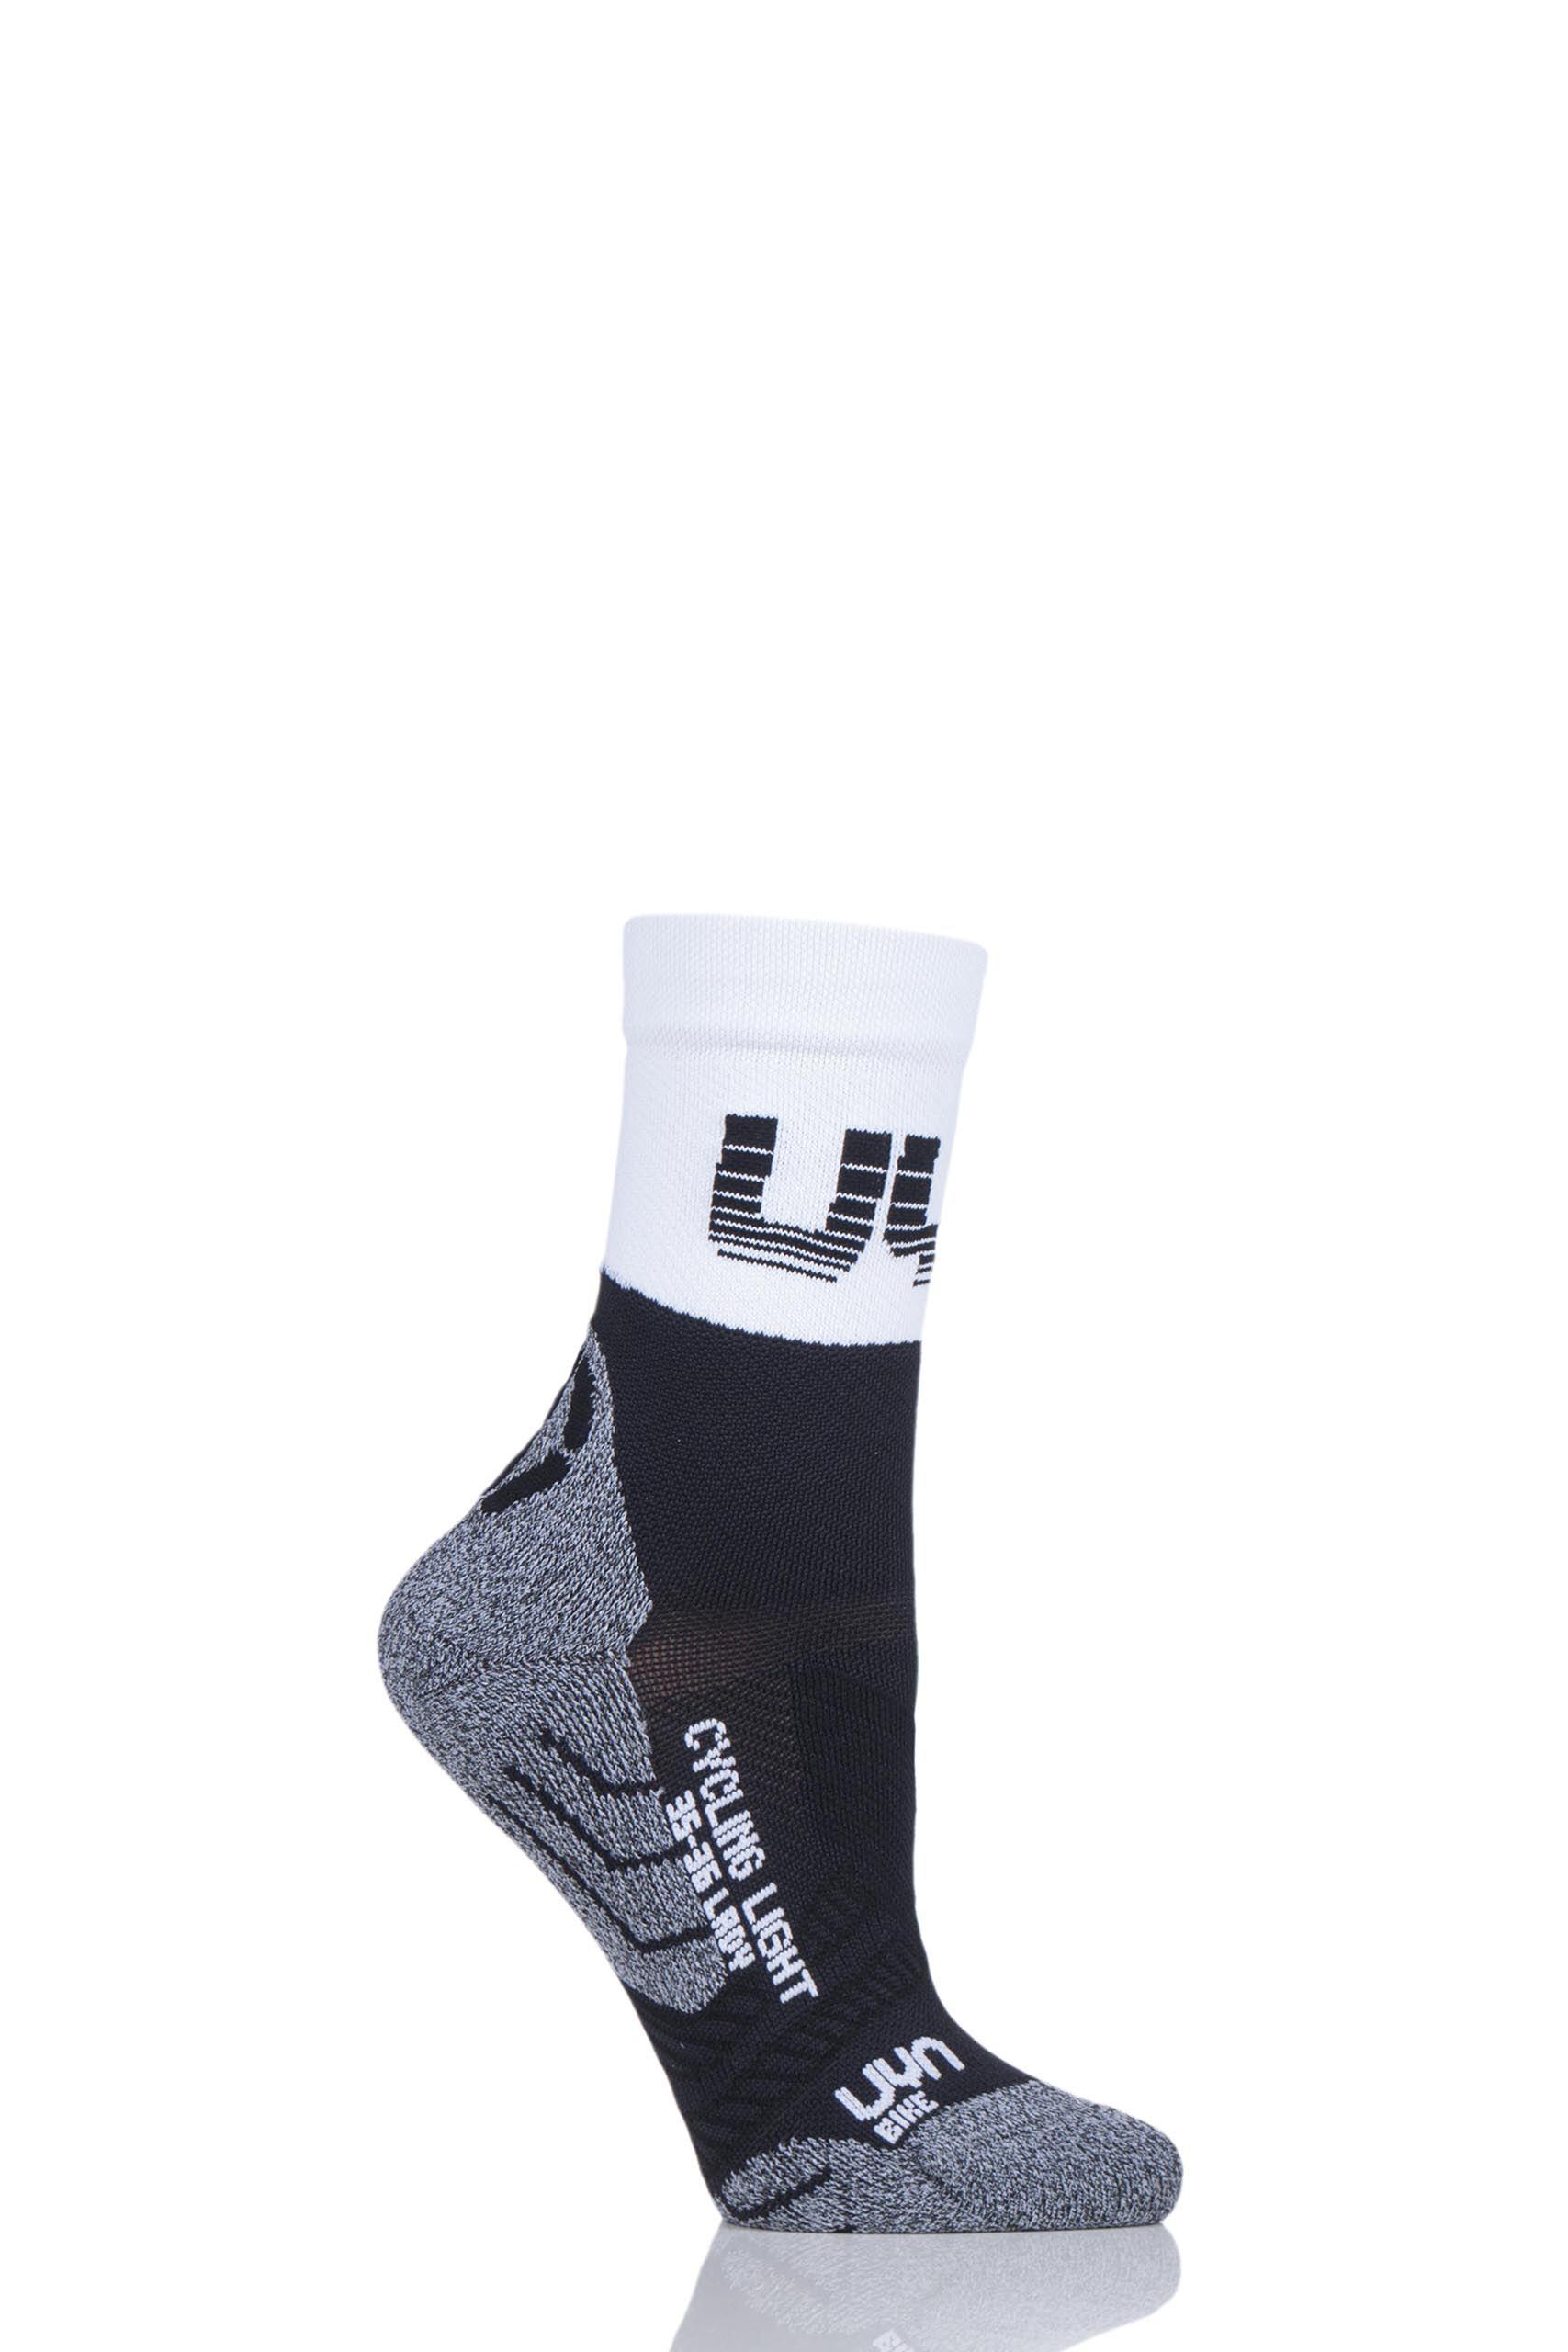 Image of 1 Pair Black Cycling Light Weight Socks Ladies 2.5-3.5 Ladies - UYN